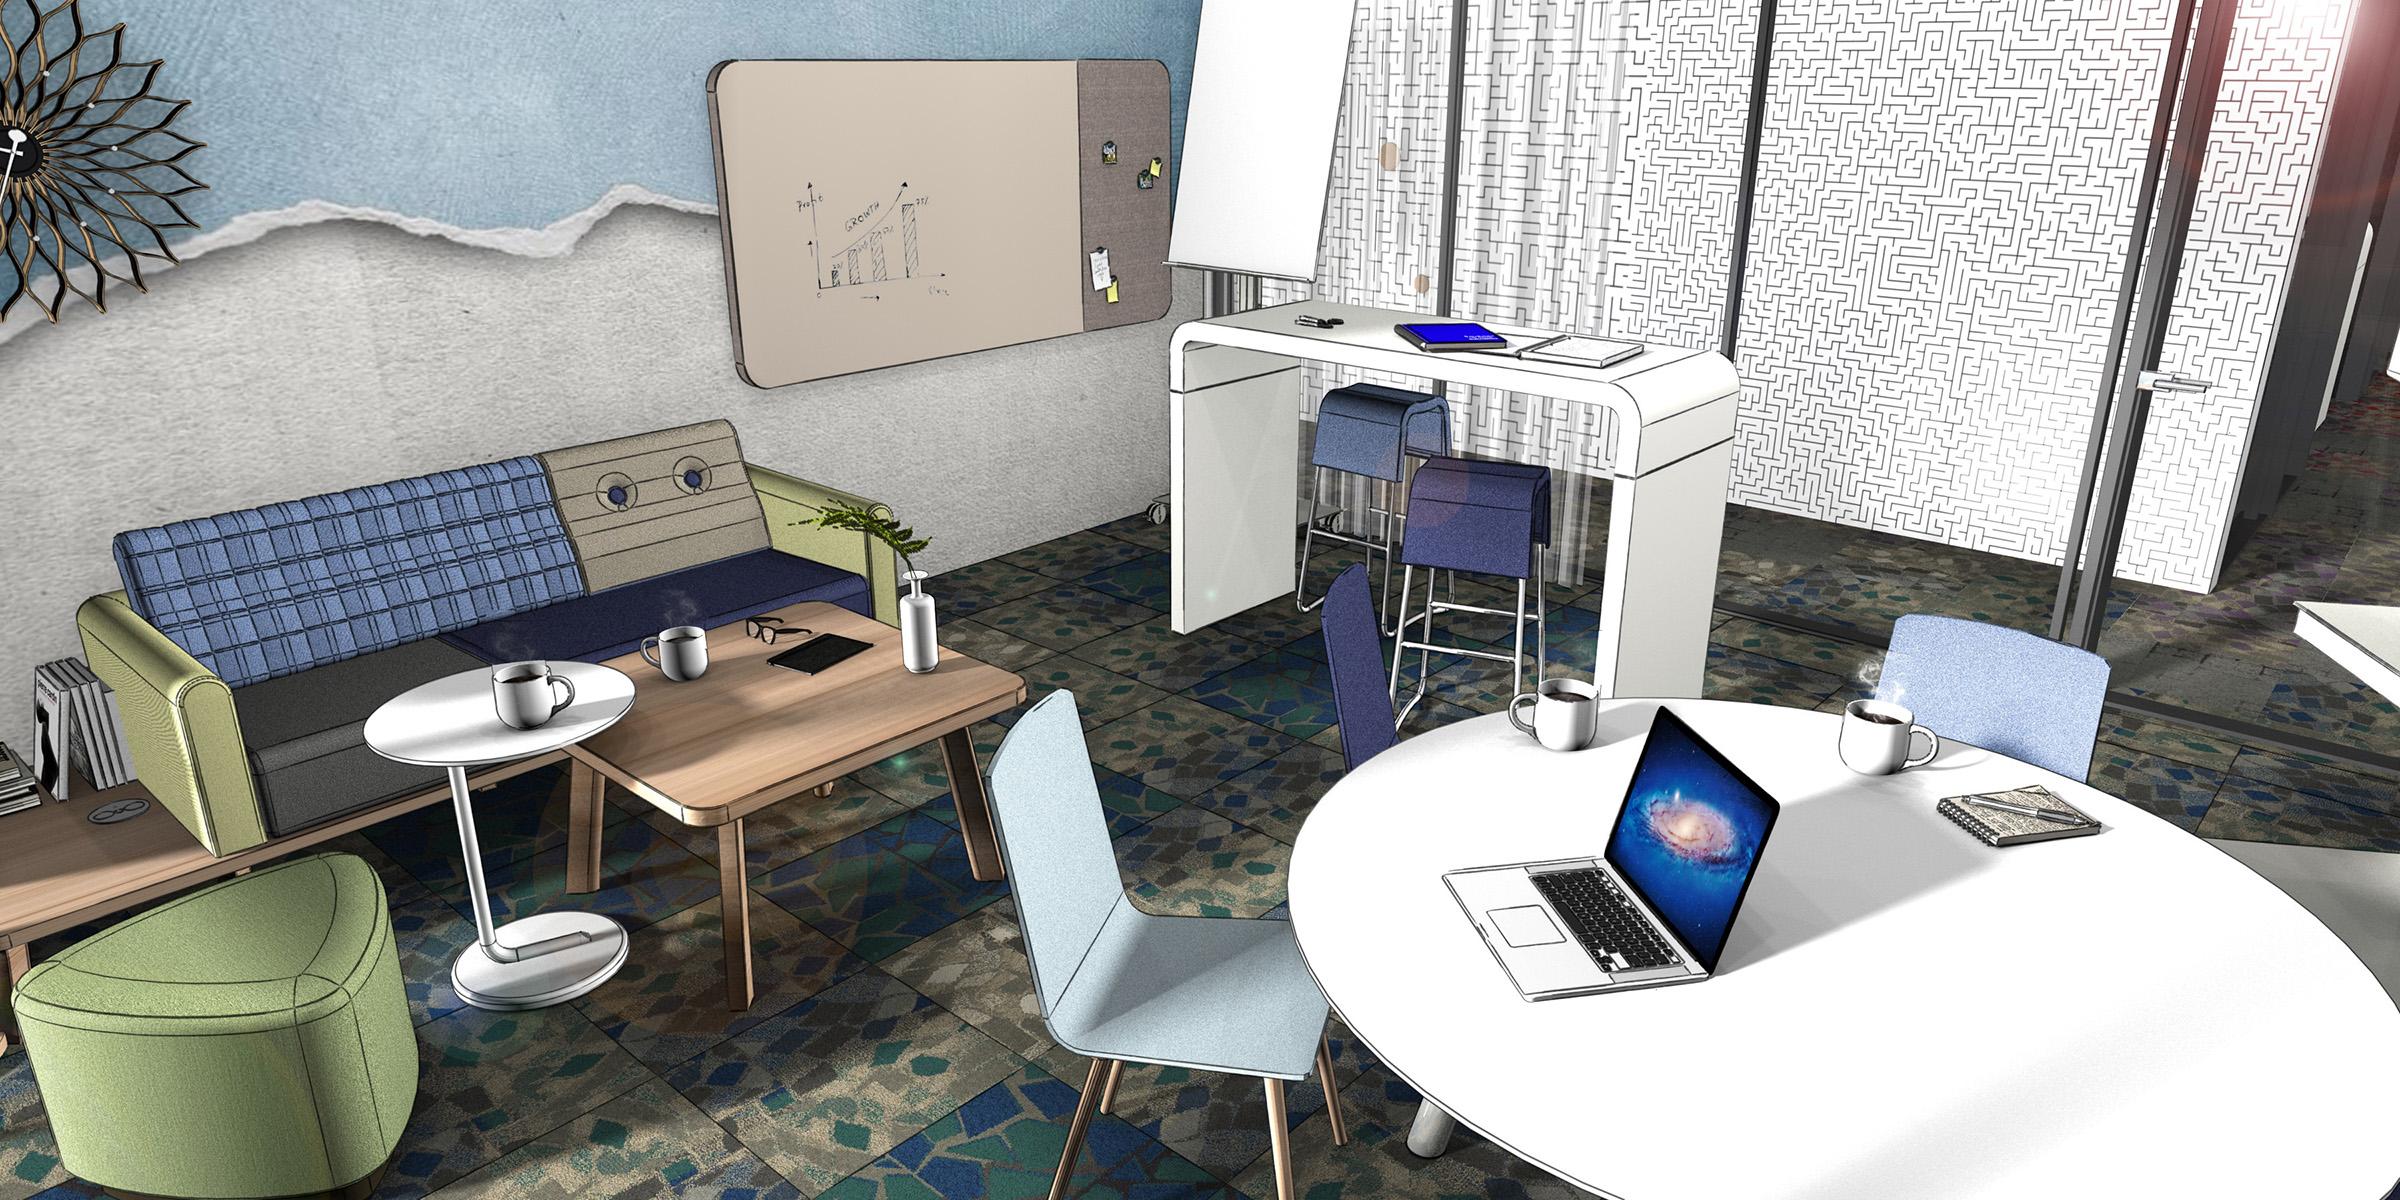 Teamraum, Besprechungsraum, in einem Büro, neue Arbeitwelten, Inenanrchitektur 3D Rendering